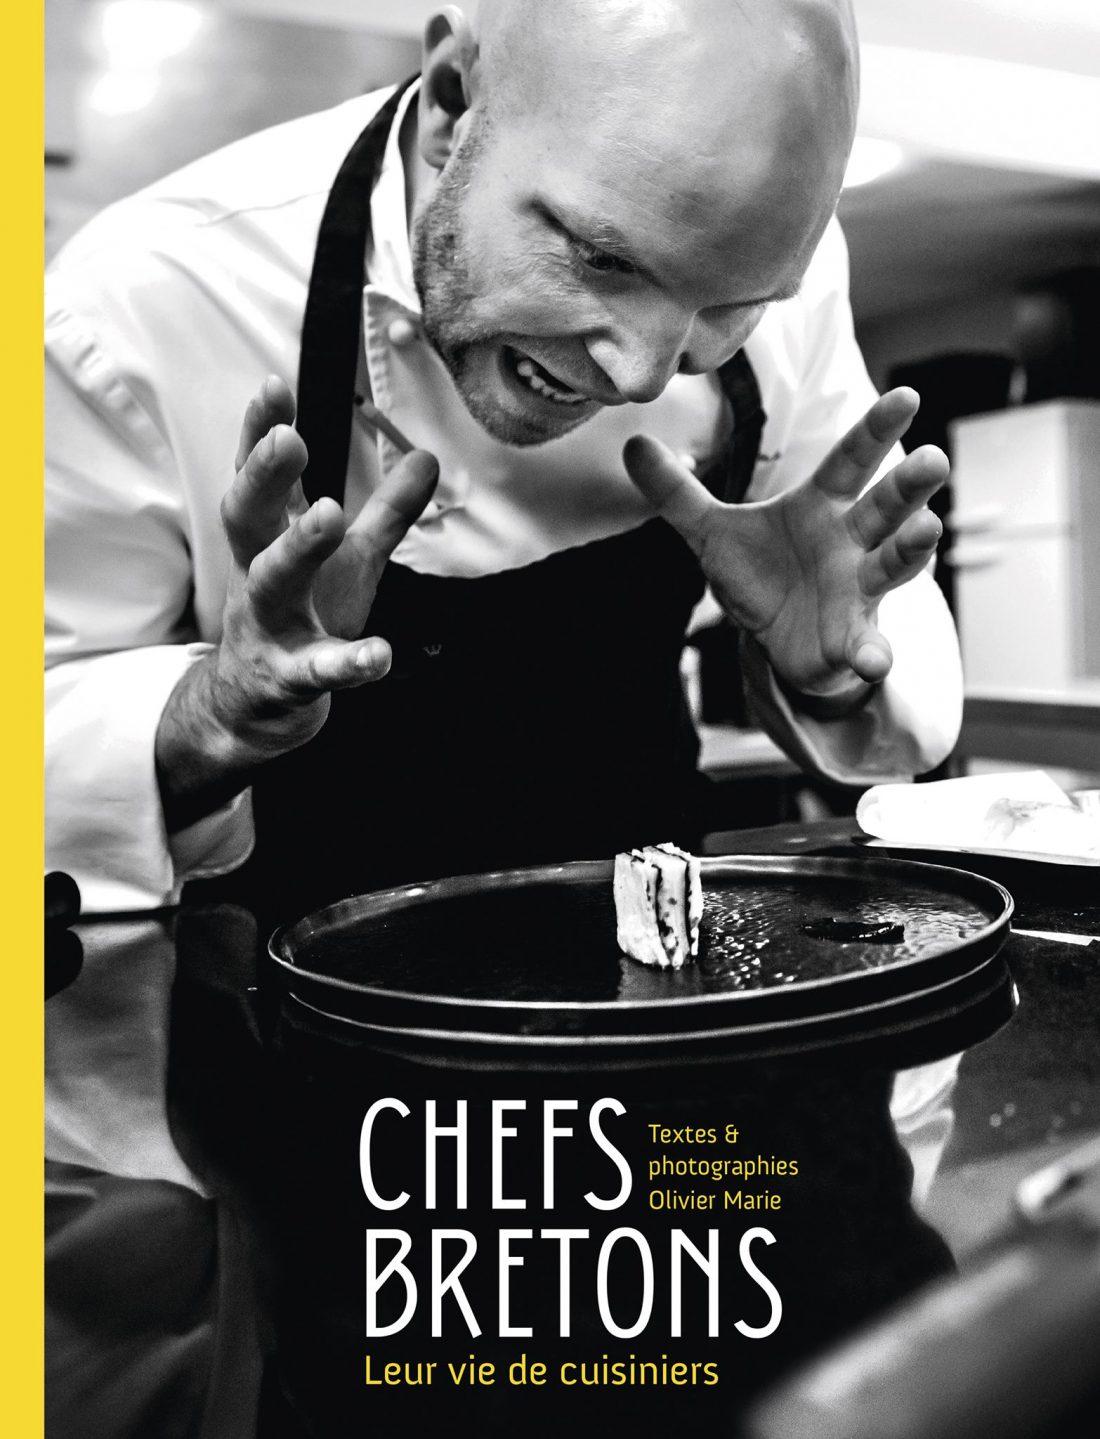 Initié au milieu de la gastronomie par sa collaboration au magazine « L'HÔTELLERIE » à la fin des années 1990, Olivier Marie a tissé au fil des années, des liens durables et sincères avec les acteurs de la cuisine bretonne.